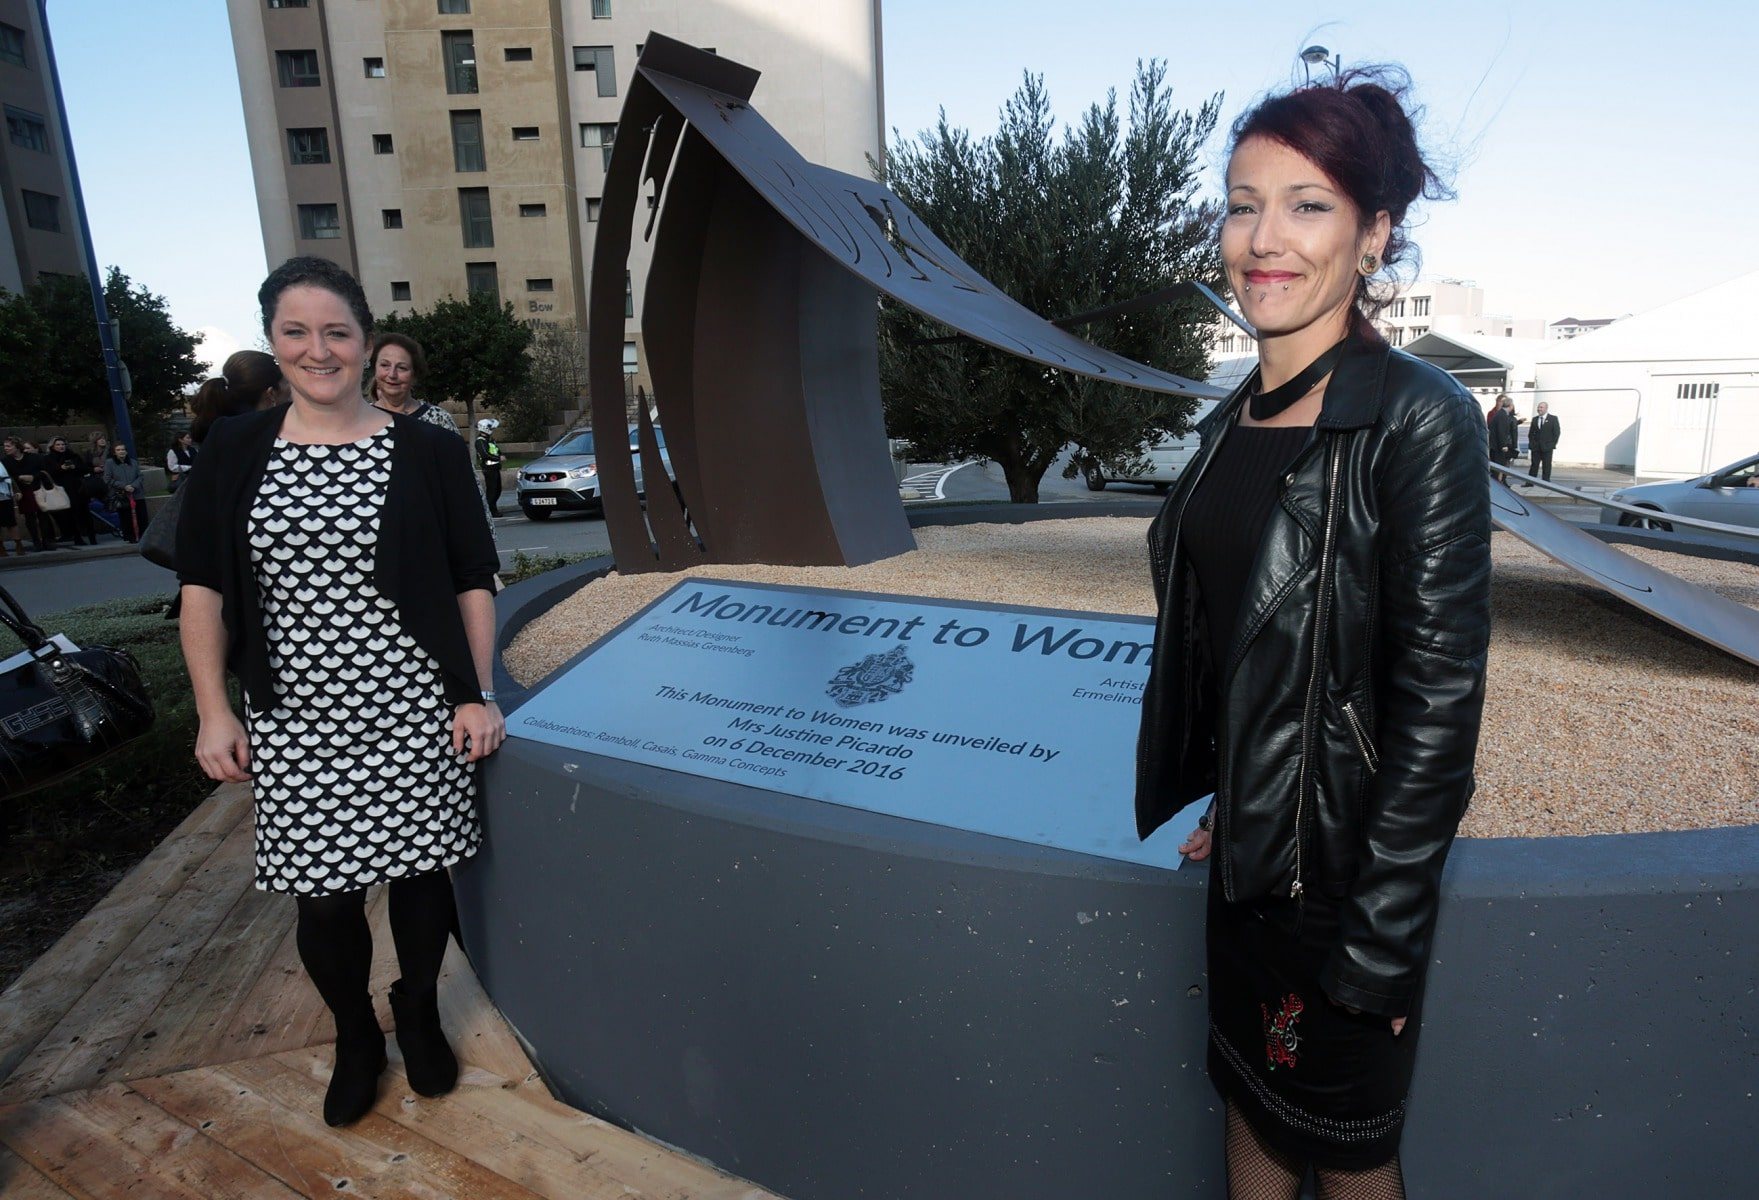 inauguracin-del-monumento-a-la-mujer-en-gibraltar_30656124643_o